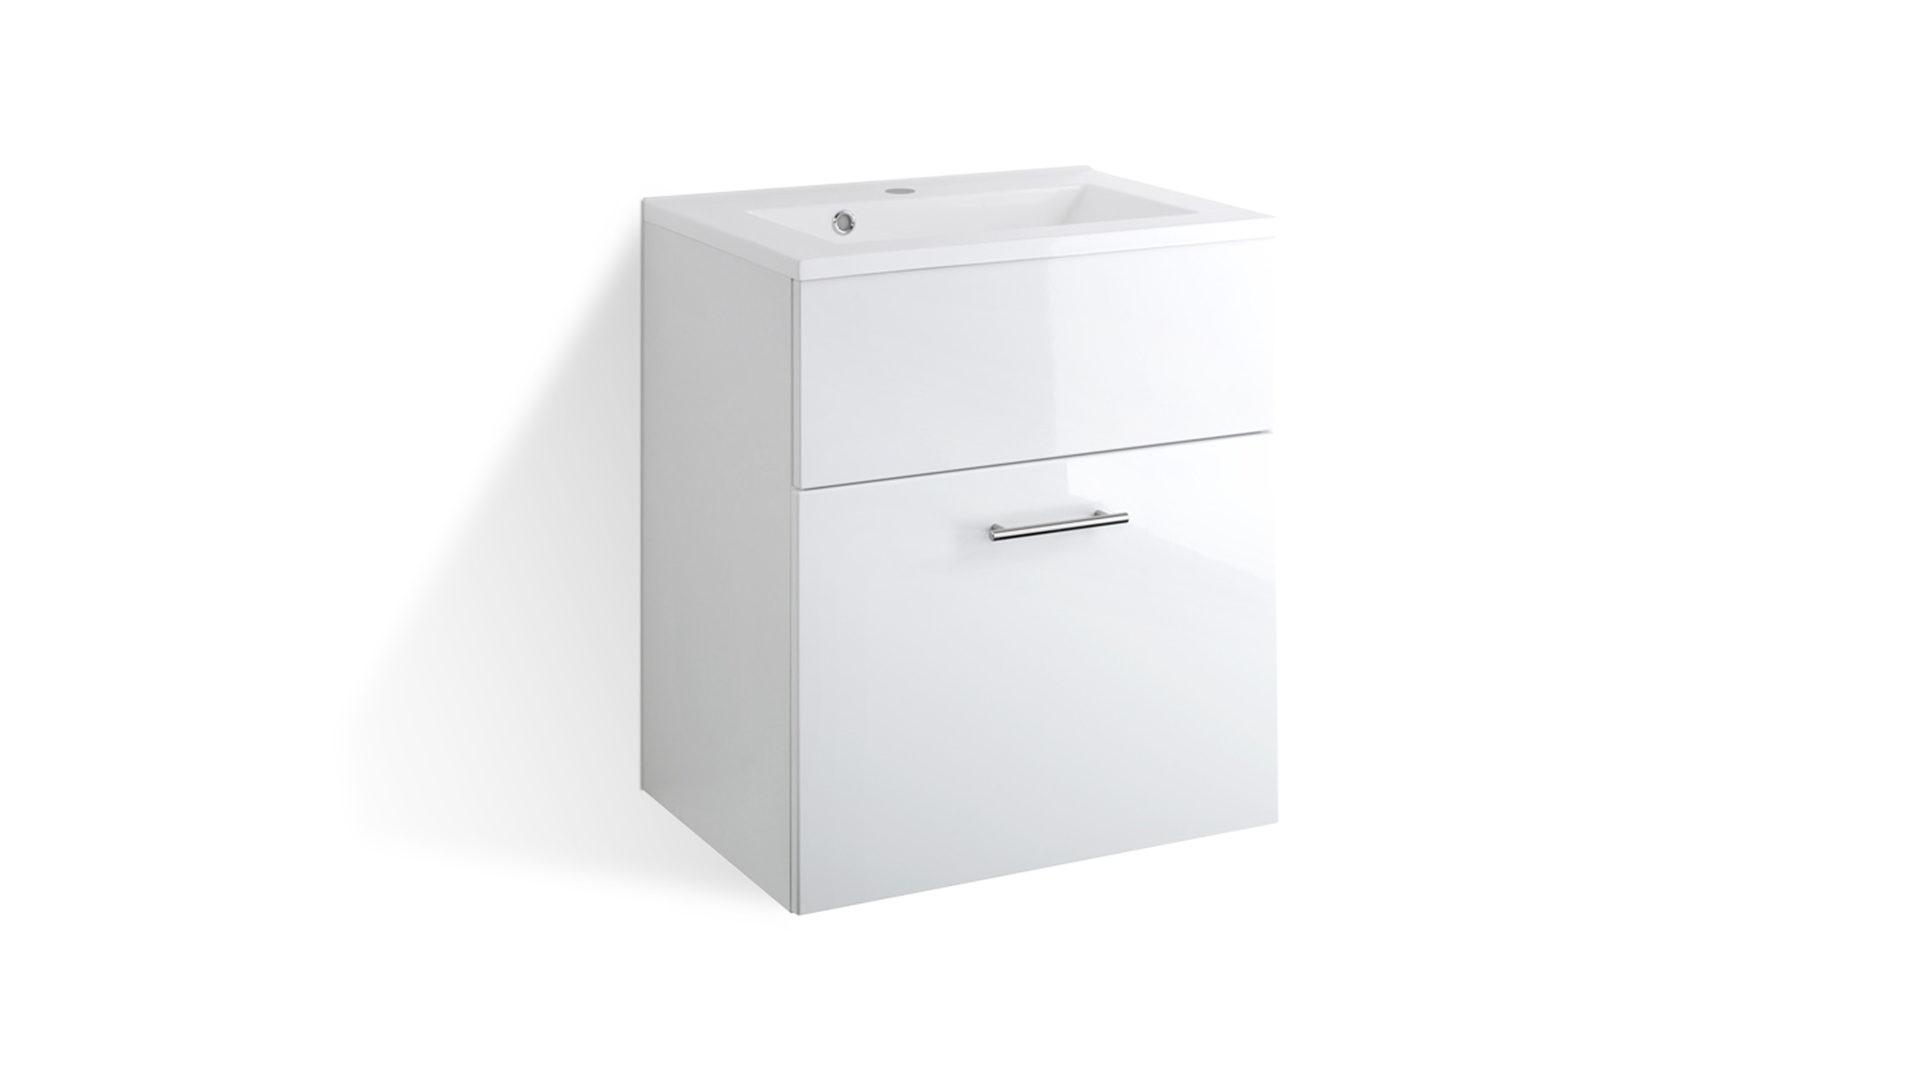 Mobel Brameyer Waschtisch Set Blanco Ein Badmobel Mit Stil